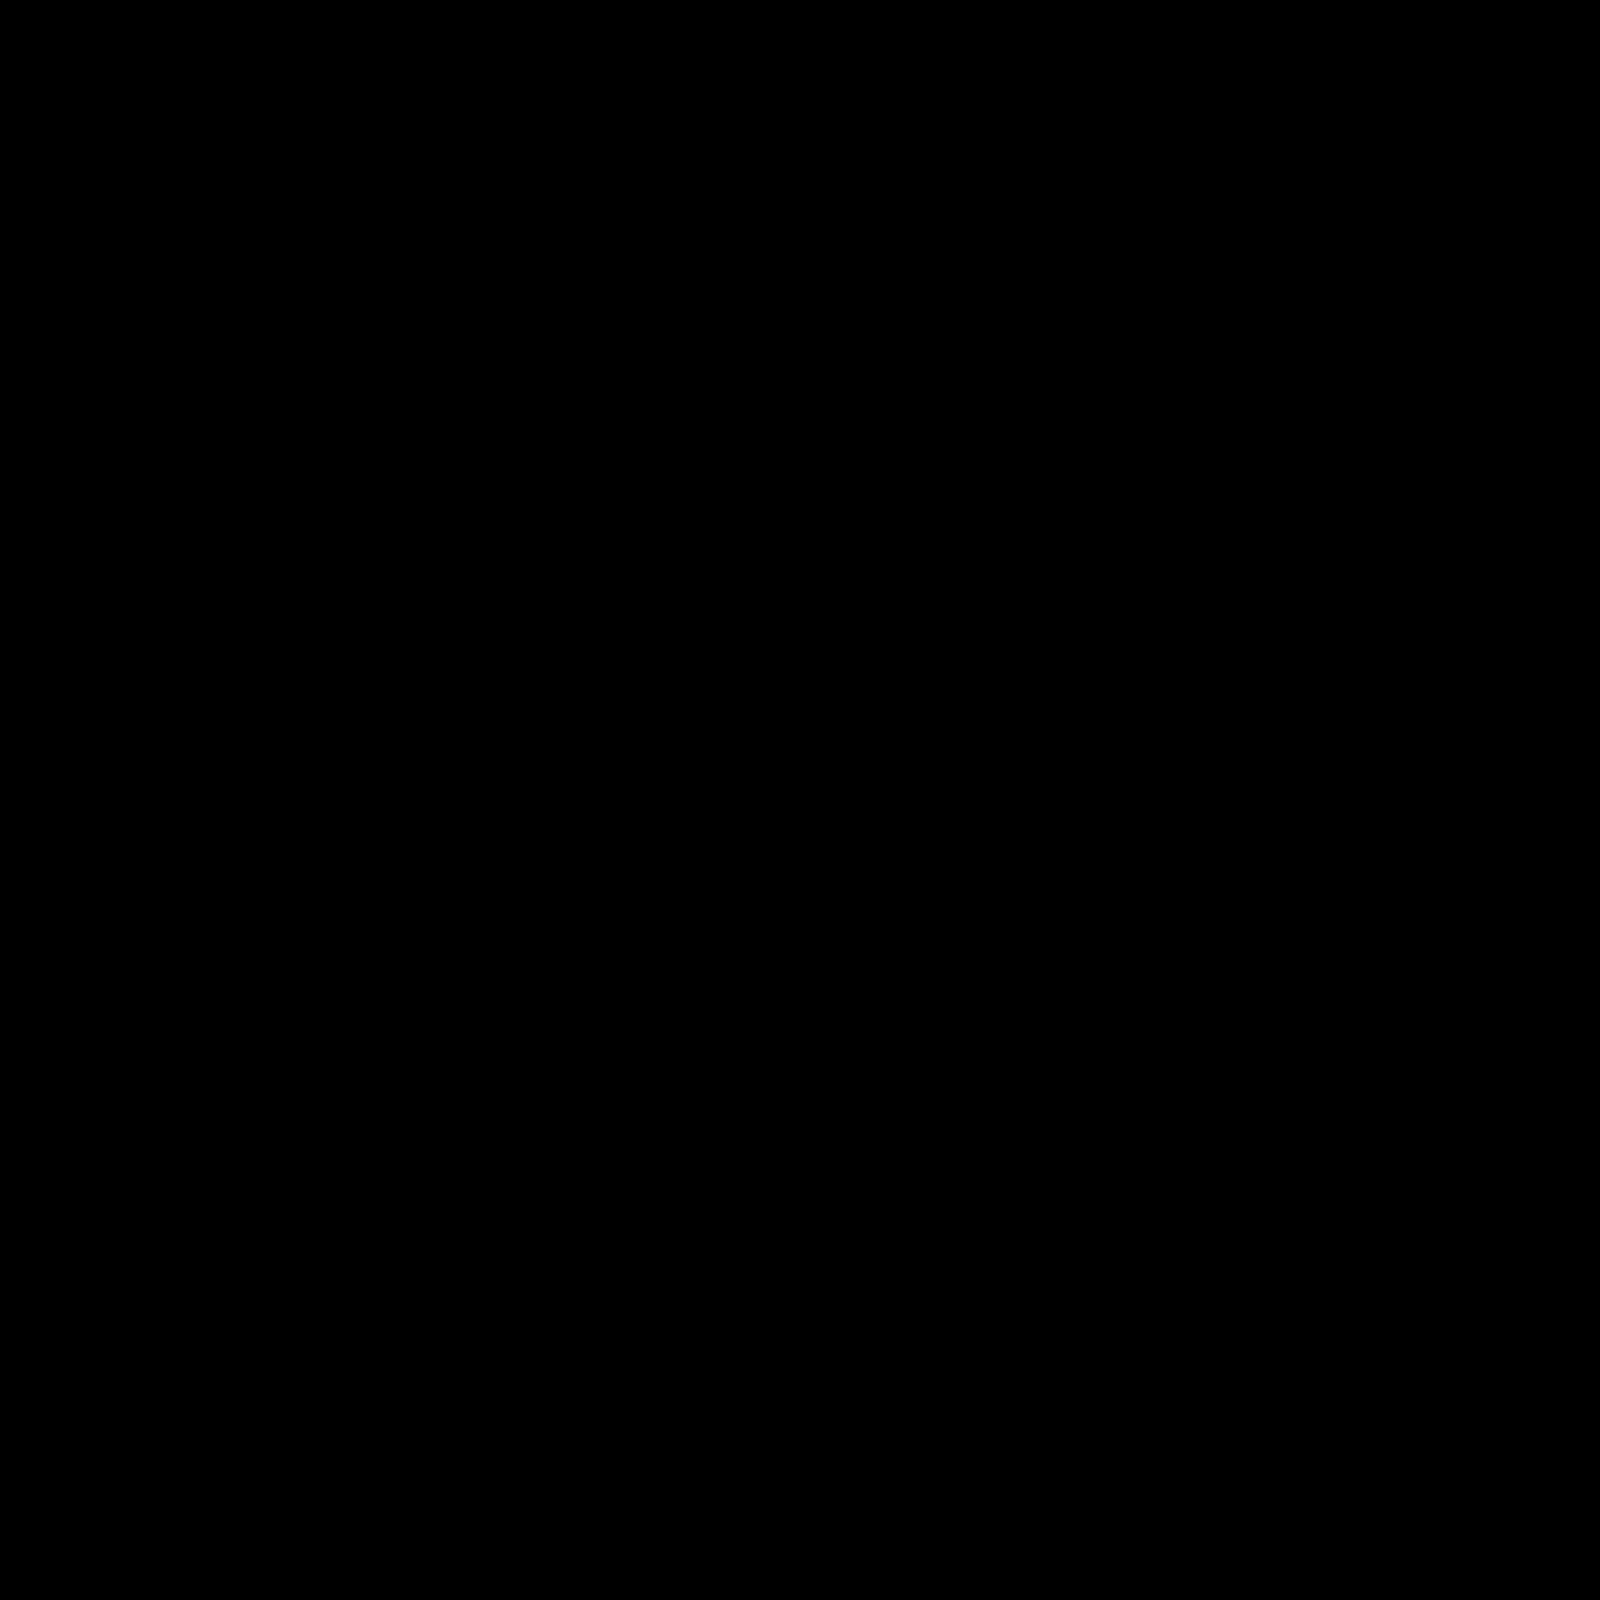 1600x1600 Audio Wave Icon